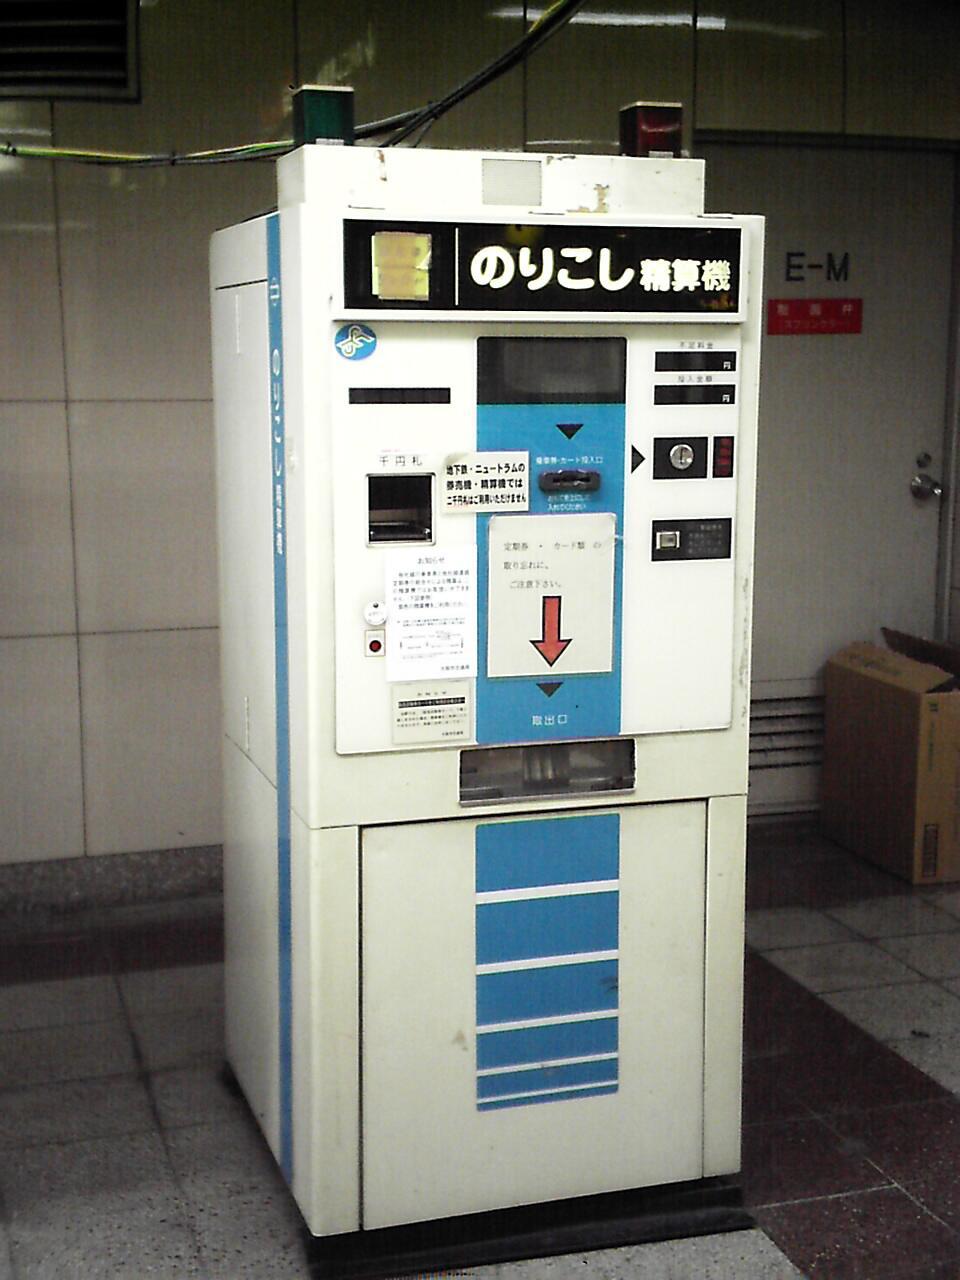 のりこし精算機 古い 大阪市交通局